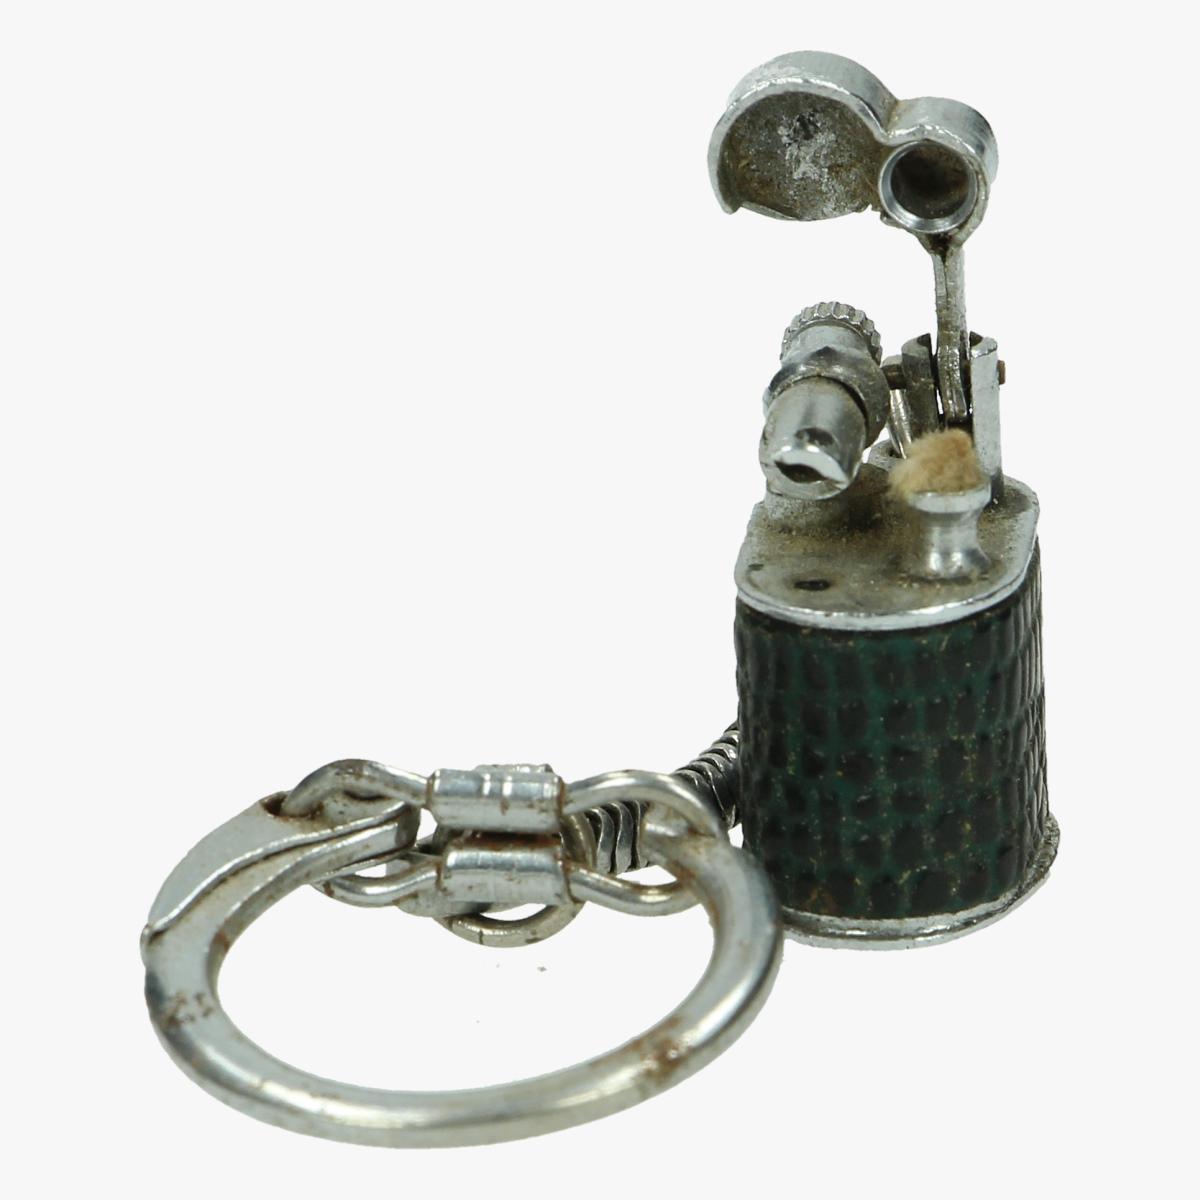 Afbeeldingen van oude aansteker sleutelhanger